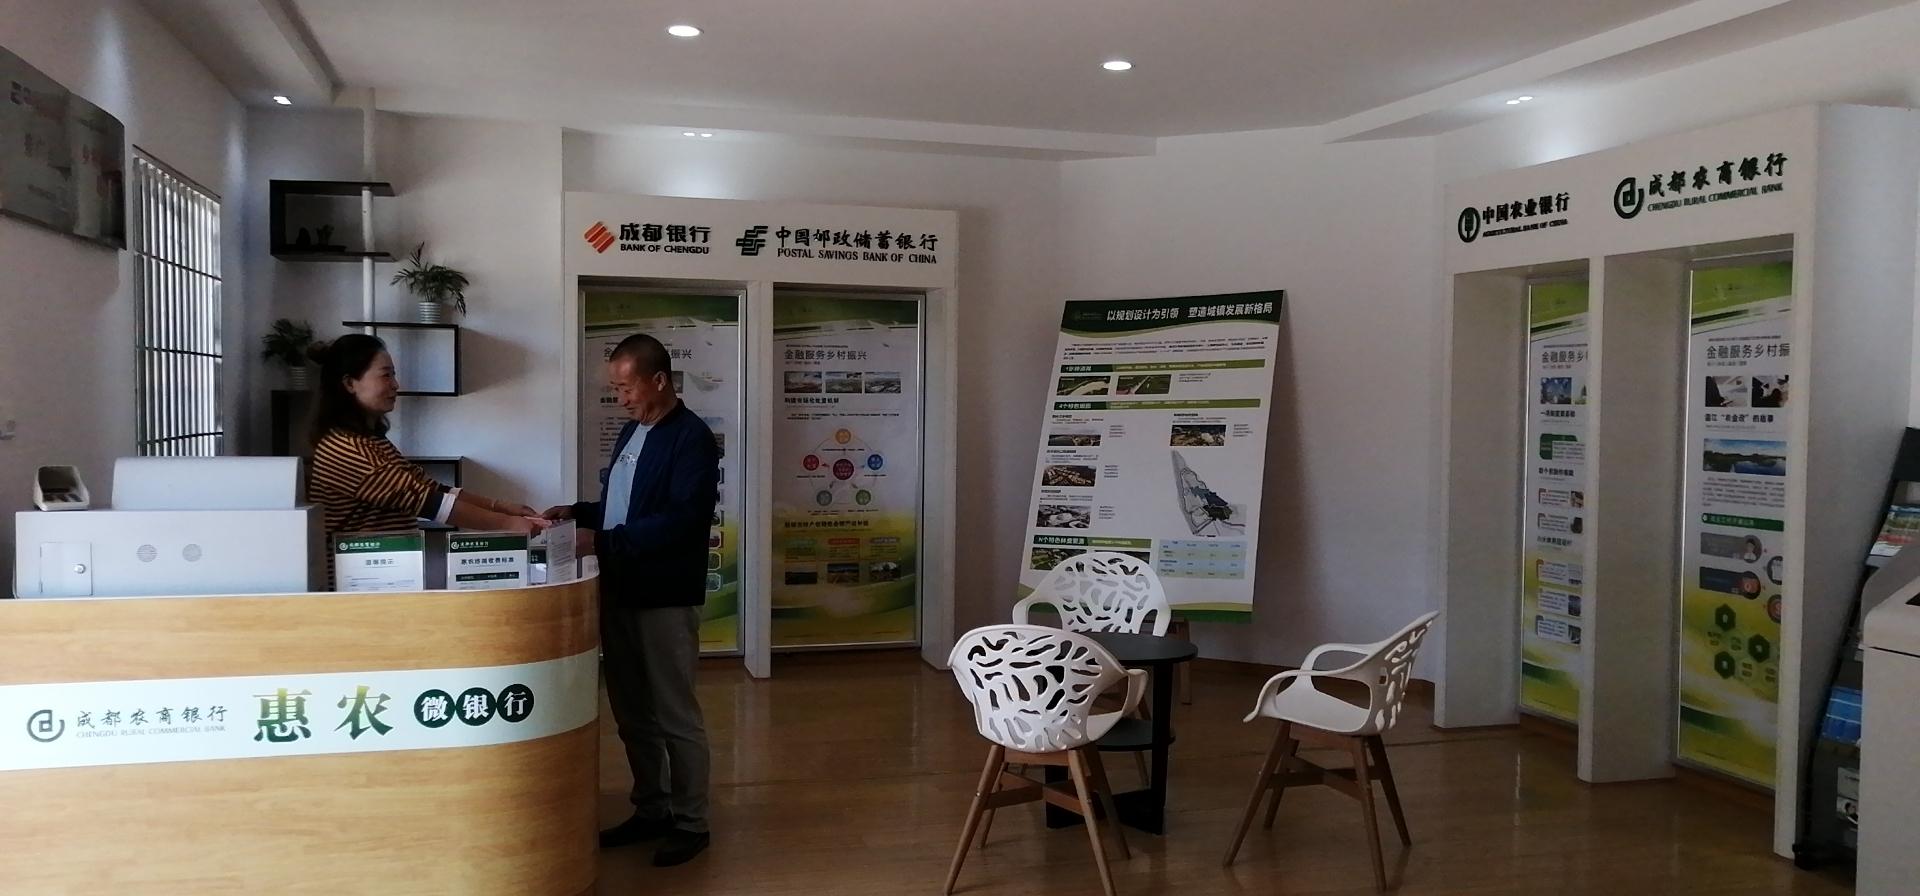 成都温江建成多个农村金融综合服务站   精准施策农村金融